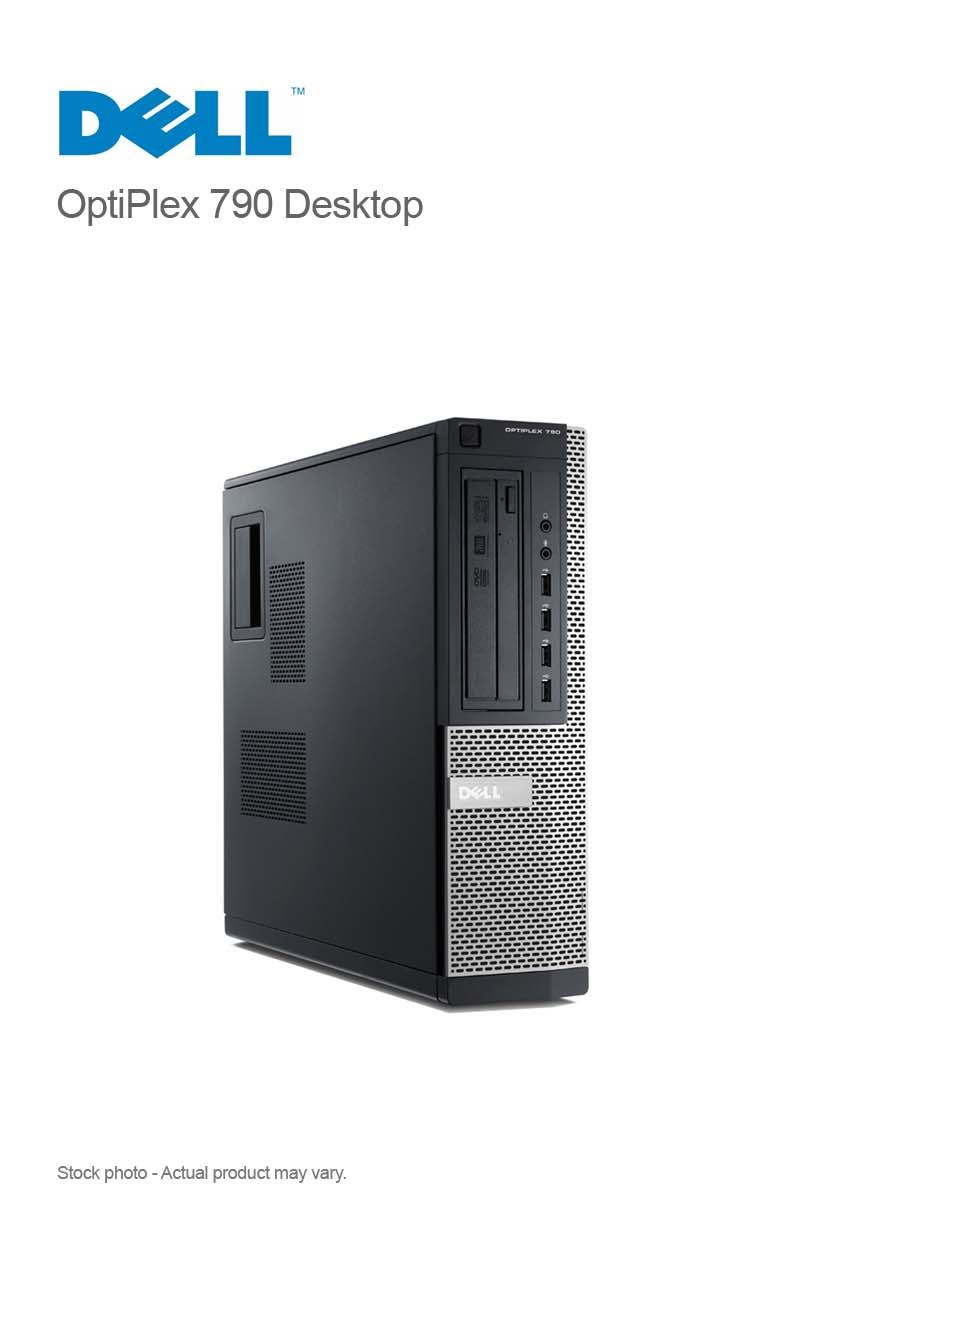 DELL OptiPlex 790 Corei5-2400 3 4GHz 8GB 250GB DVDRW WIN 10